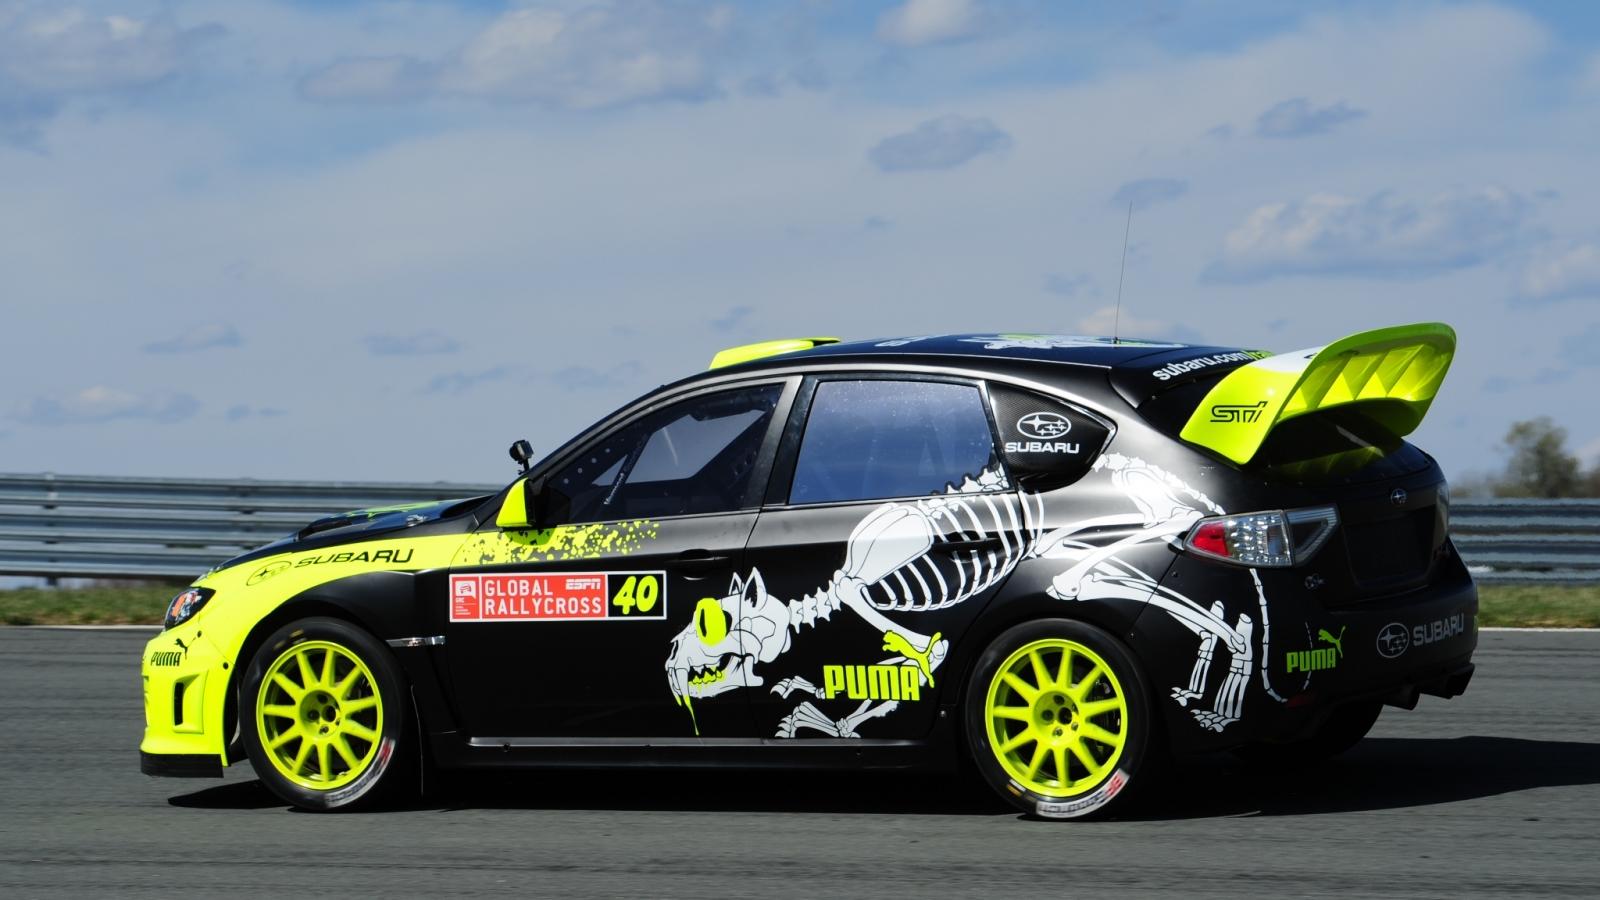 Subaru Impreza WRX - 1600x900